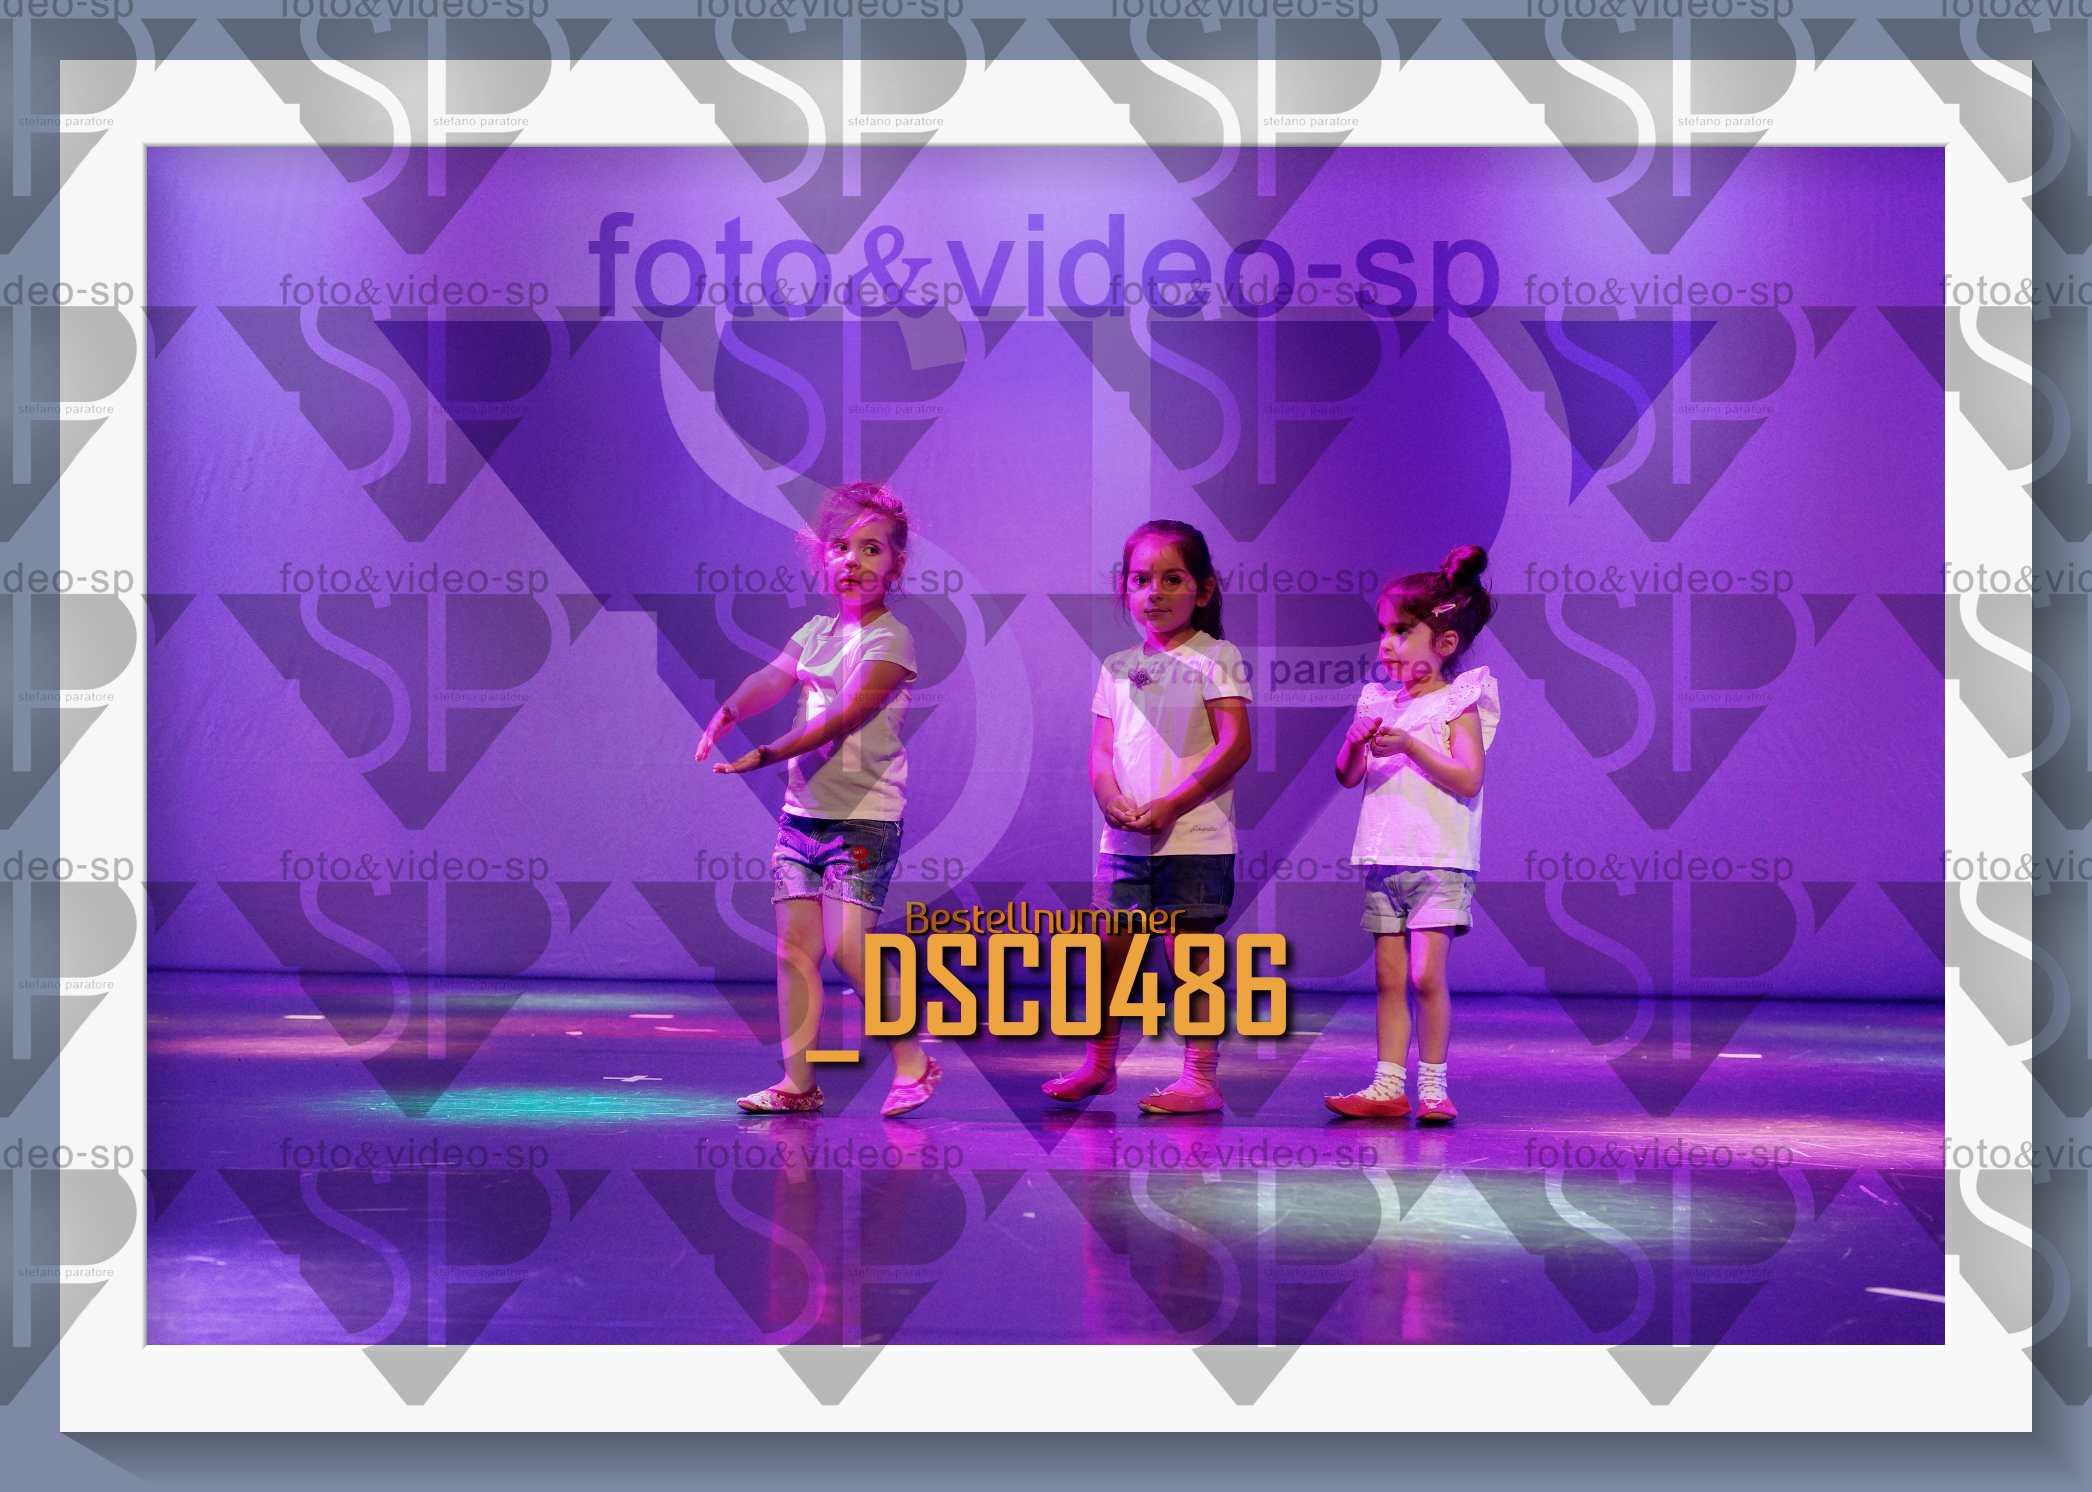 DSC0486